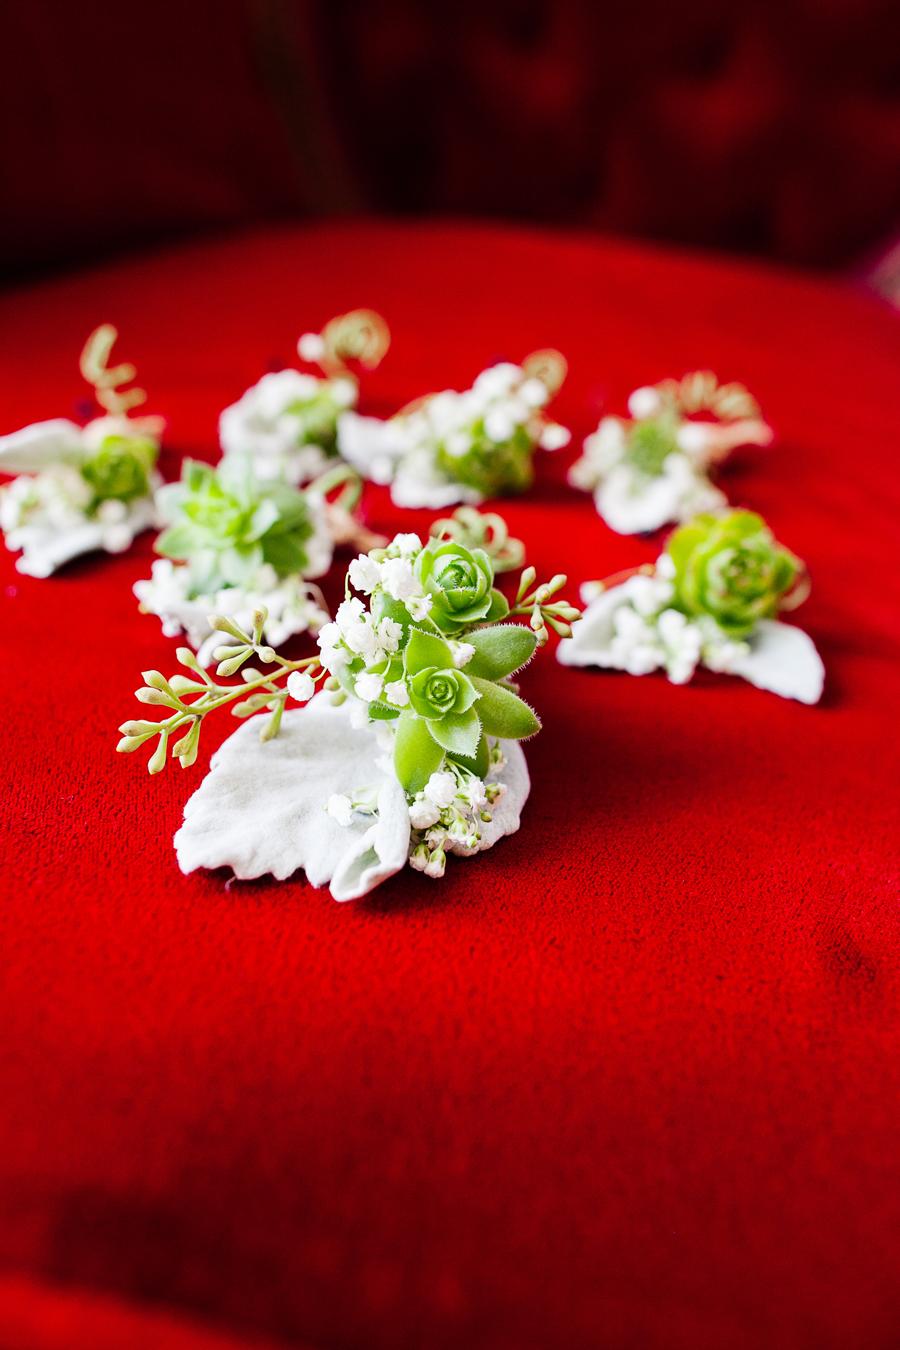 030-llama-rose-farm-wedding.jpg